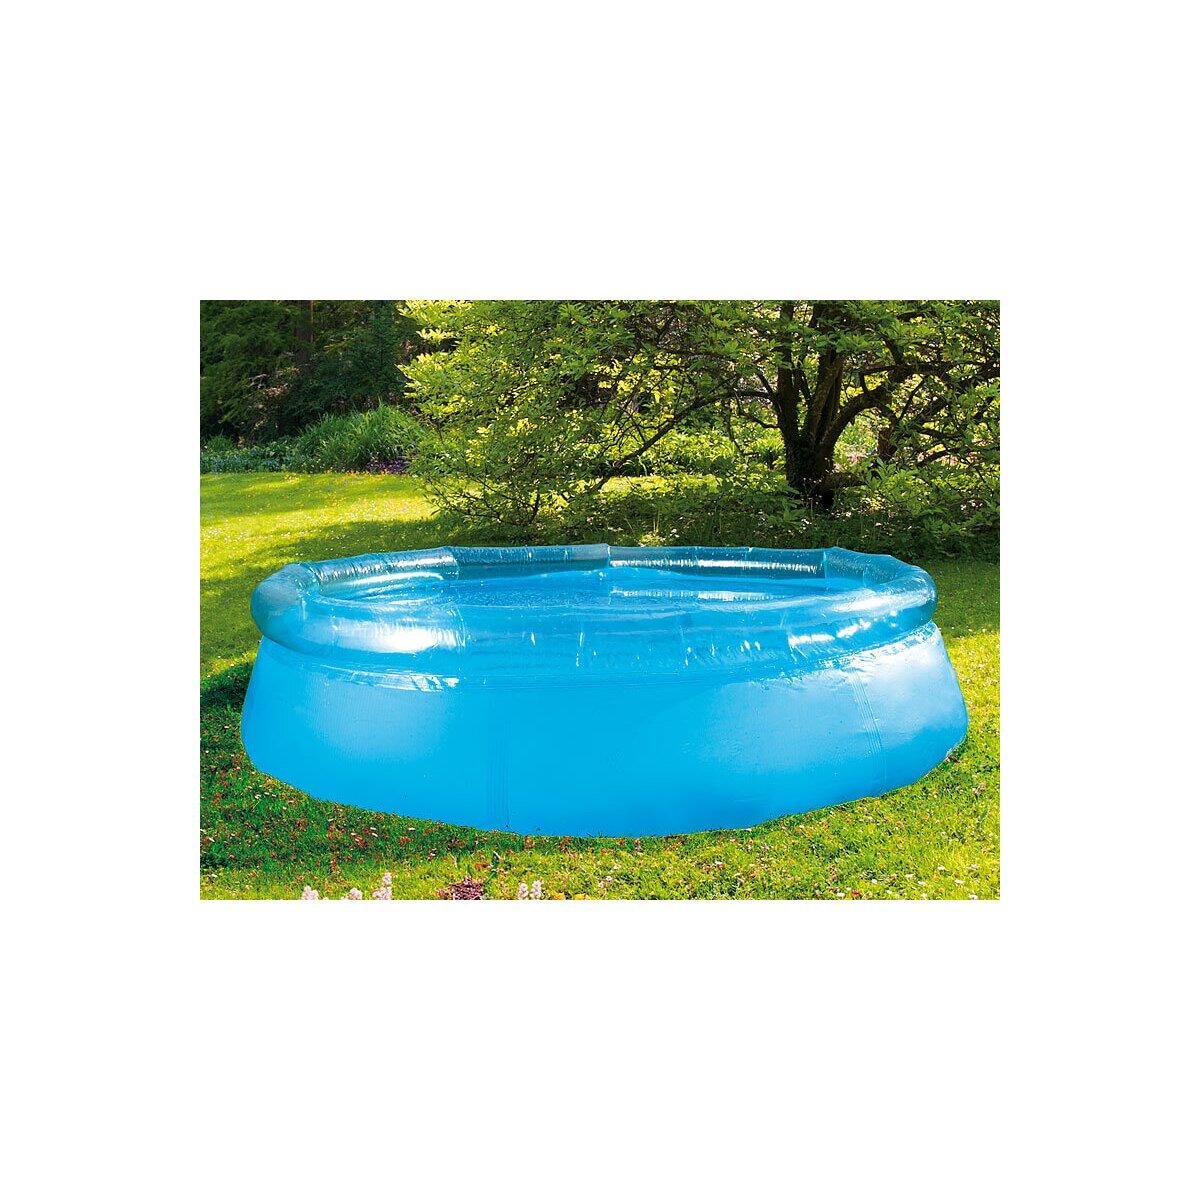 Pool aufblasbar preisvergleich die besten angebote for Swimmingpool angebote